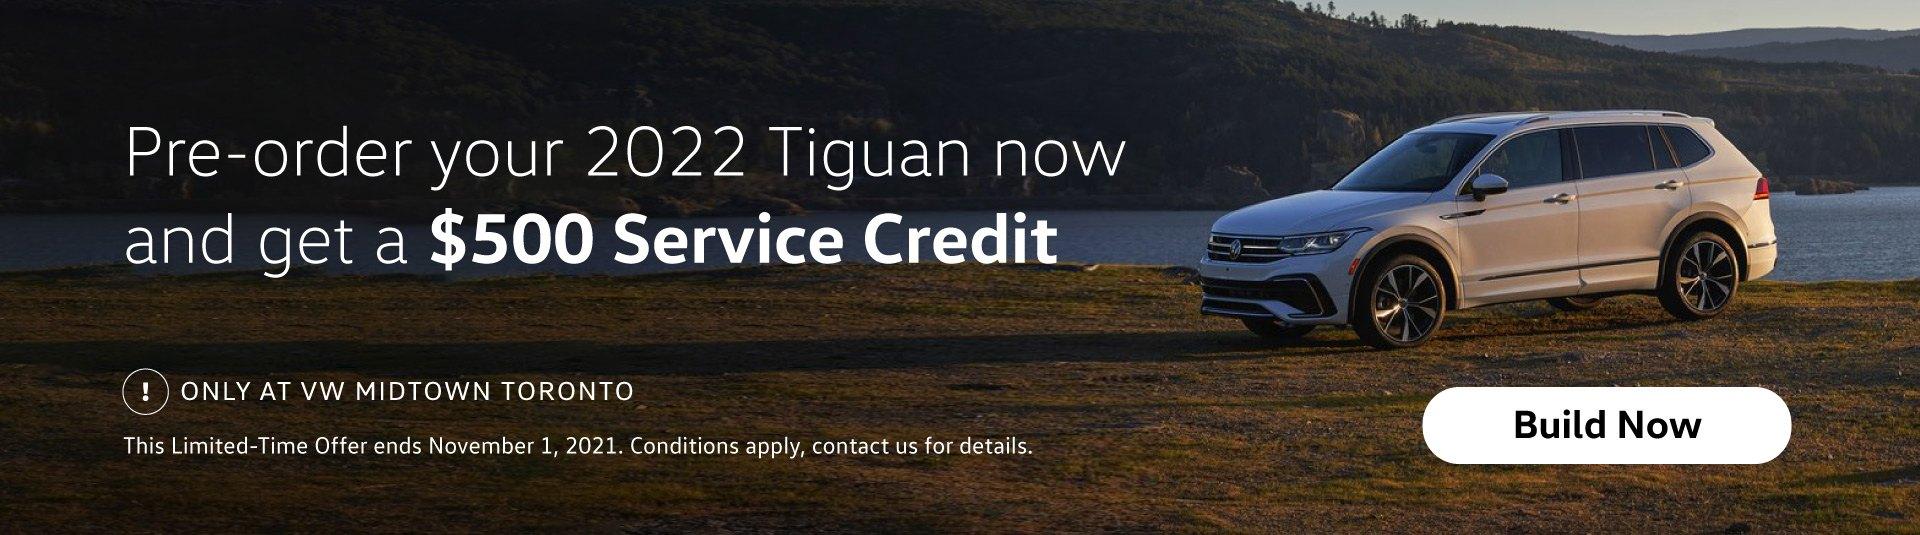 Pre-Order 2022 Tiguan-Oct-2021